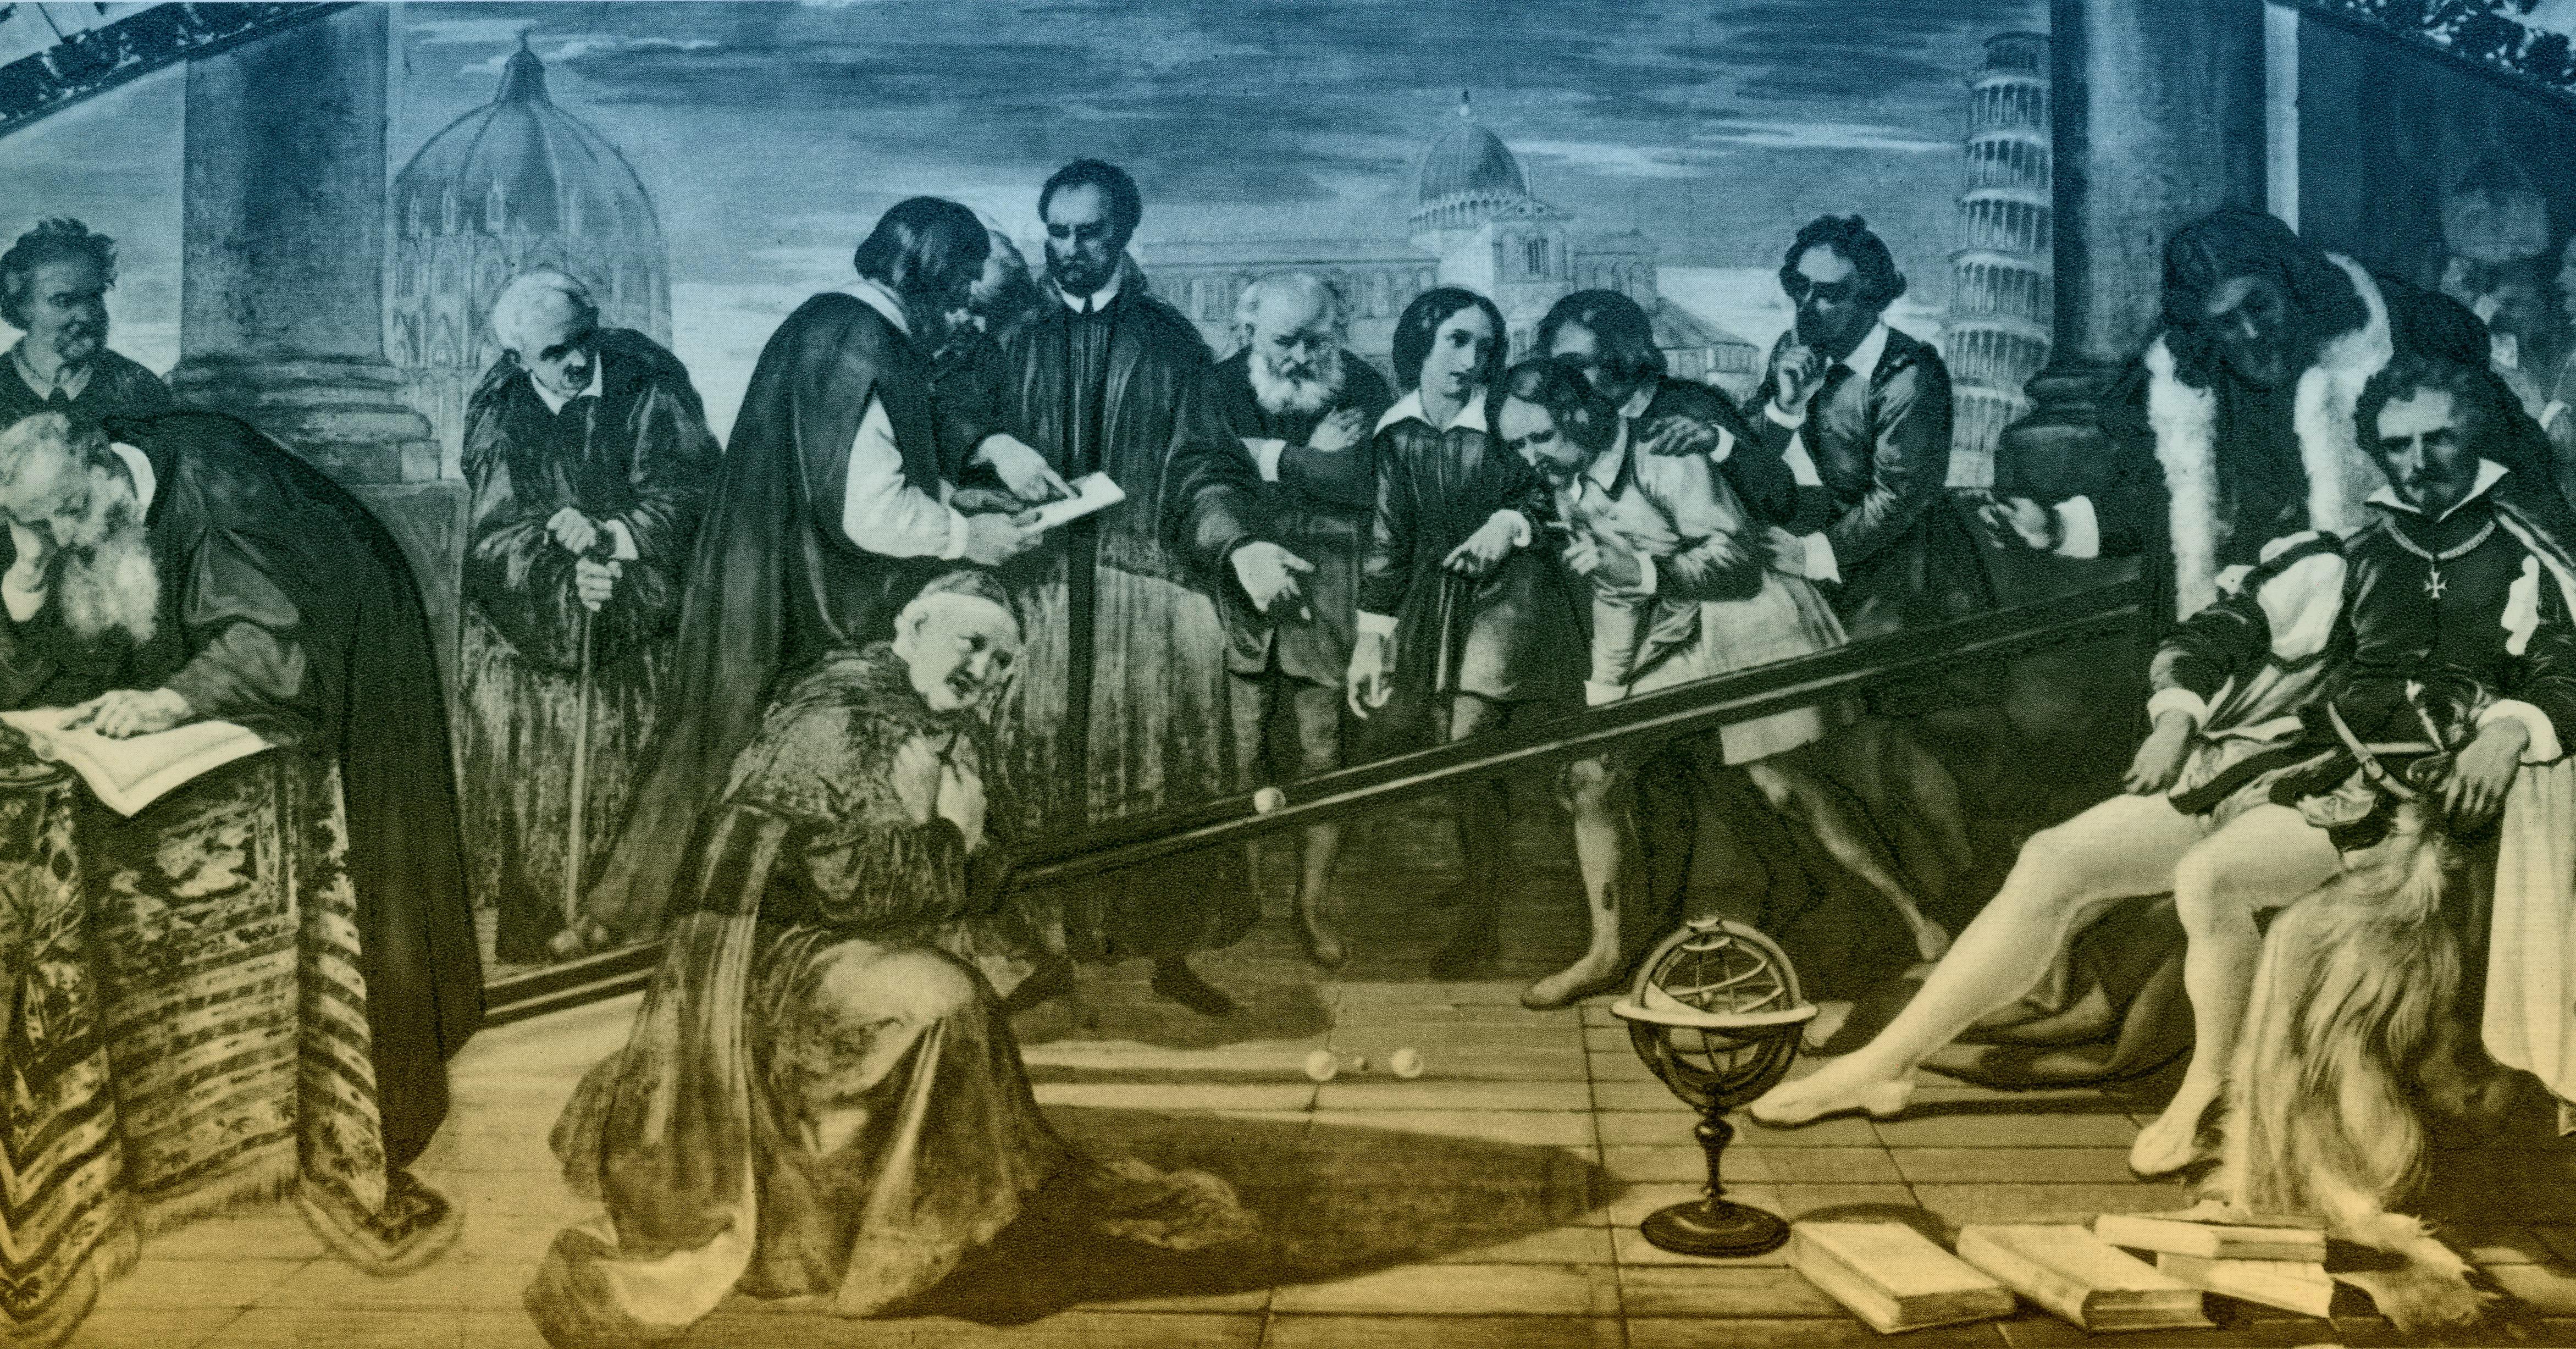 Ανακαλύφθηκε ιστορική χαμένη επιστολή του Γαλιλαίου που αποκαλύπτει πώς προσπάθησε να ξεγελάσει την Ιερά